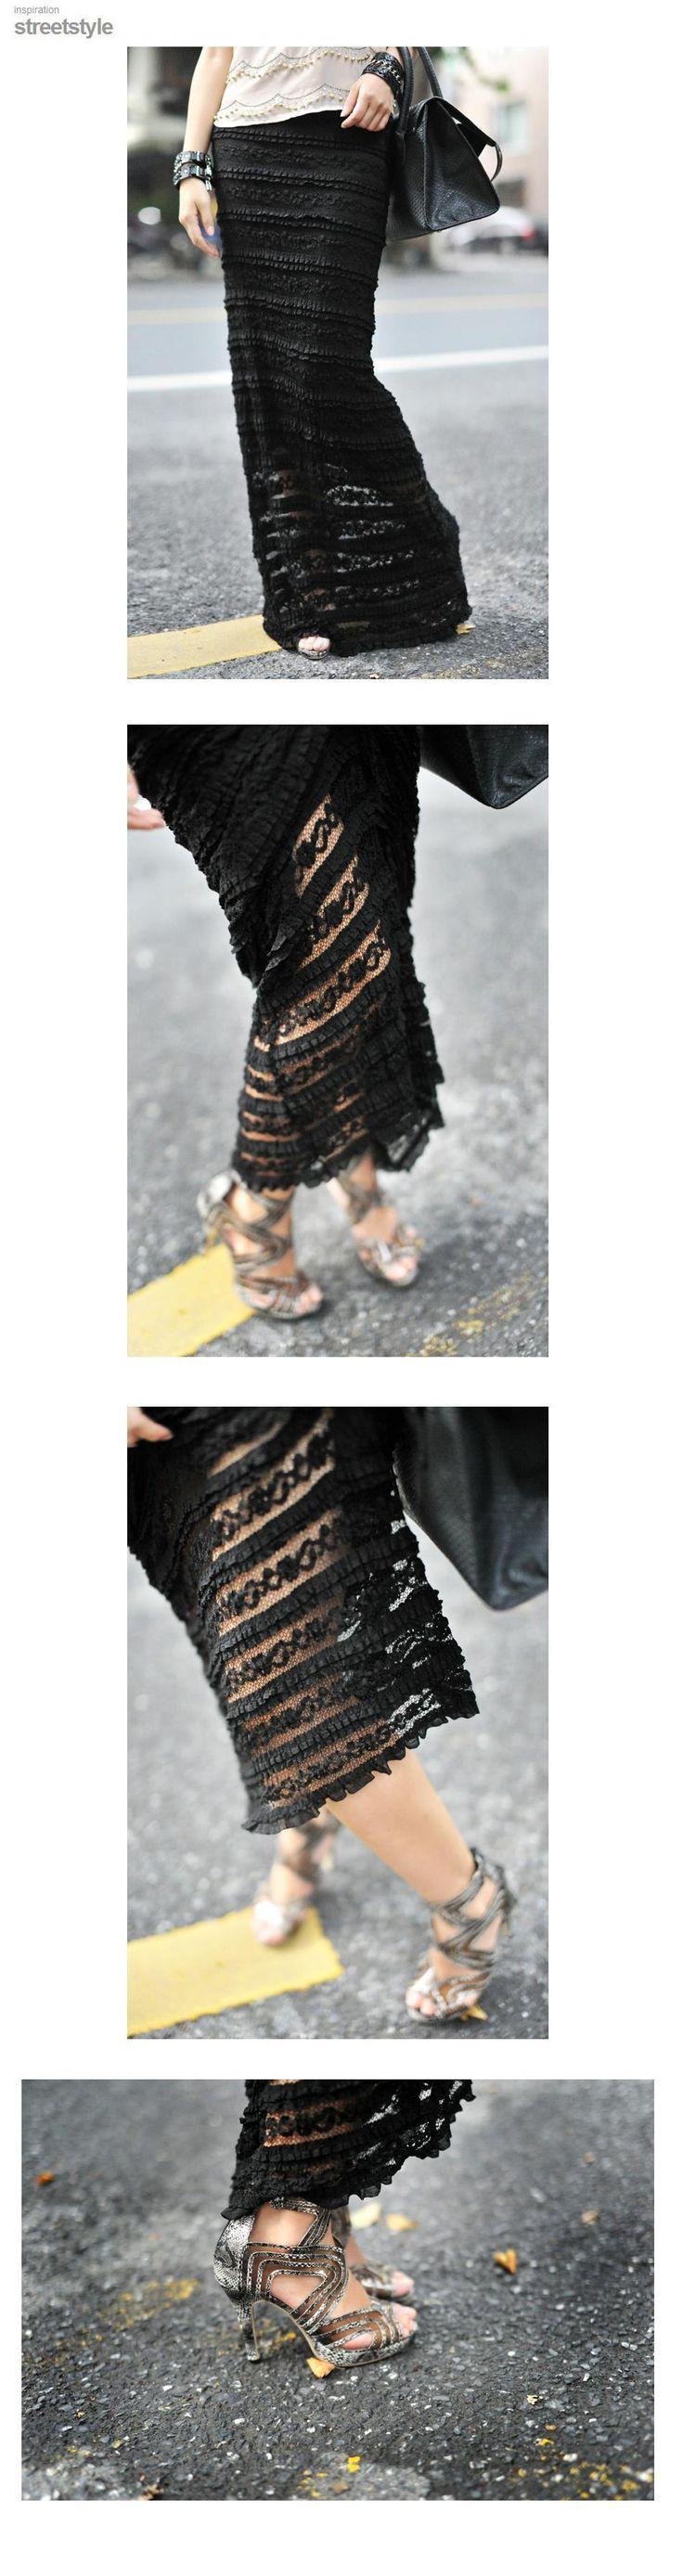 Aliexpress.com: Acheter Livraison Gratuite 2016 Personnalisé S 7XL Dentelle Longue Maxi Jupe Pour femmes D'été Formelle Droite Plus La Taille Noir Et Blanc Sexy jupes de jupe manteau fiables fournisseurs sur Hailey's Store.